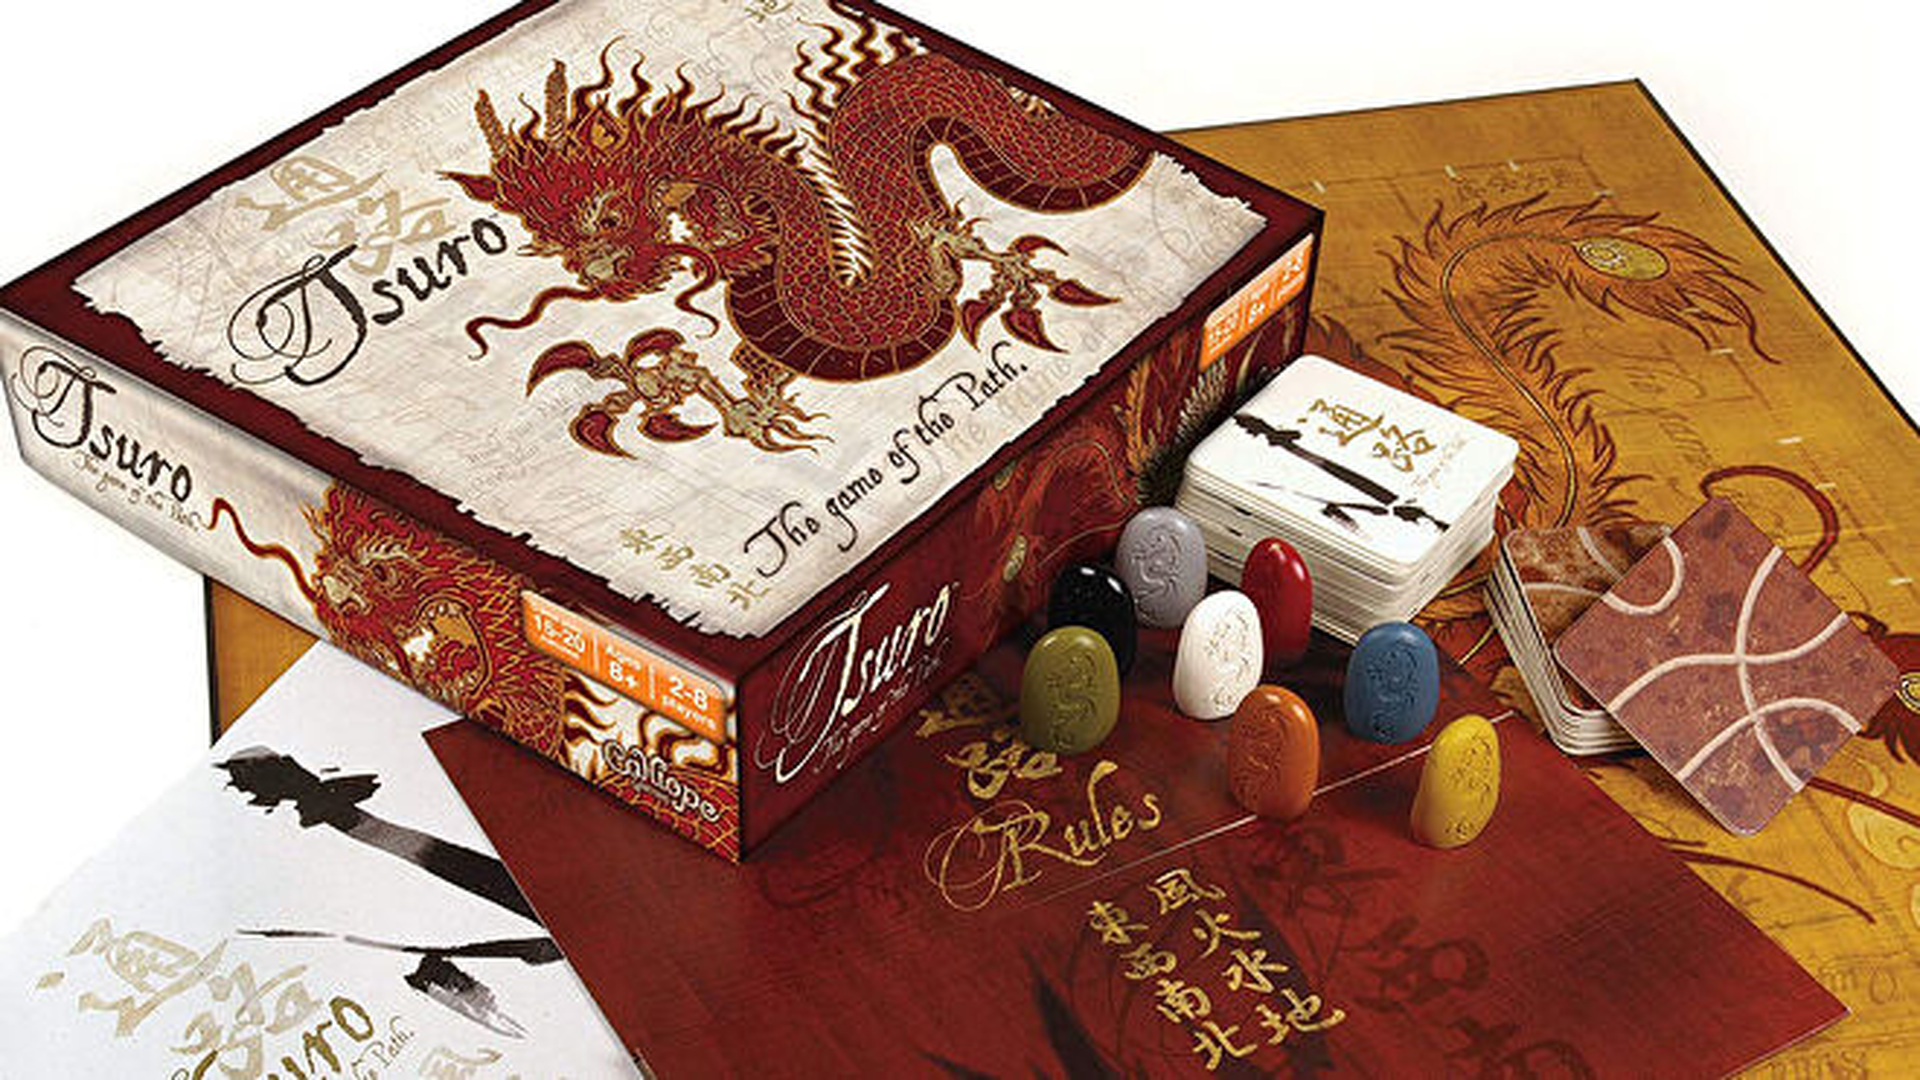 Tsuro quick board game box and components